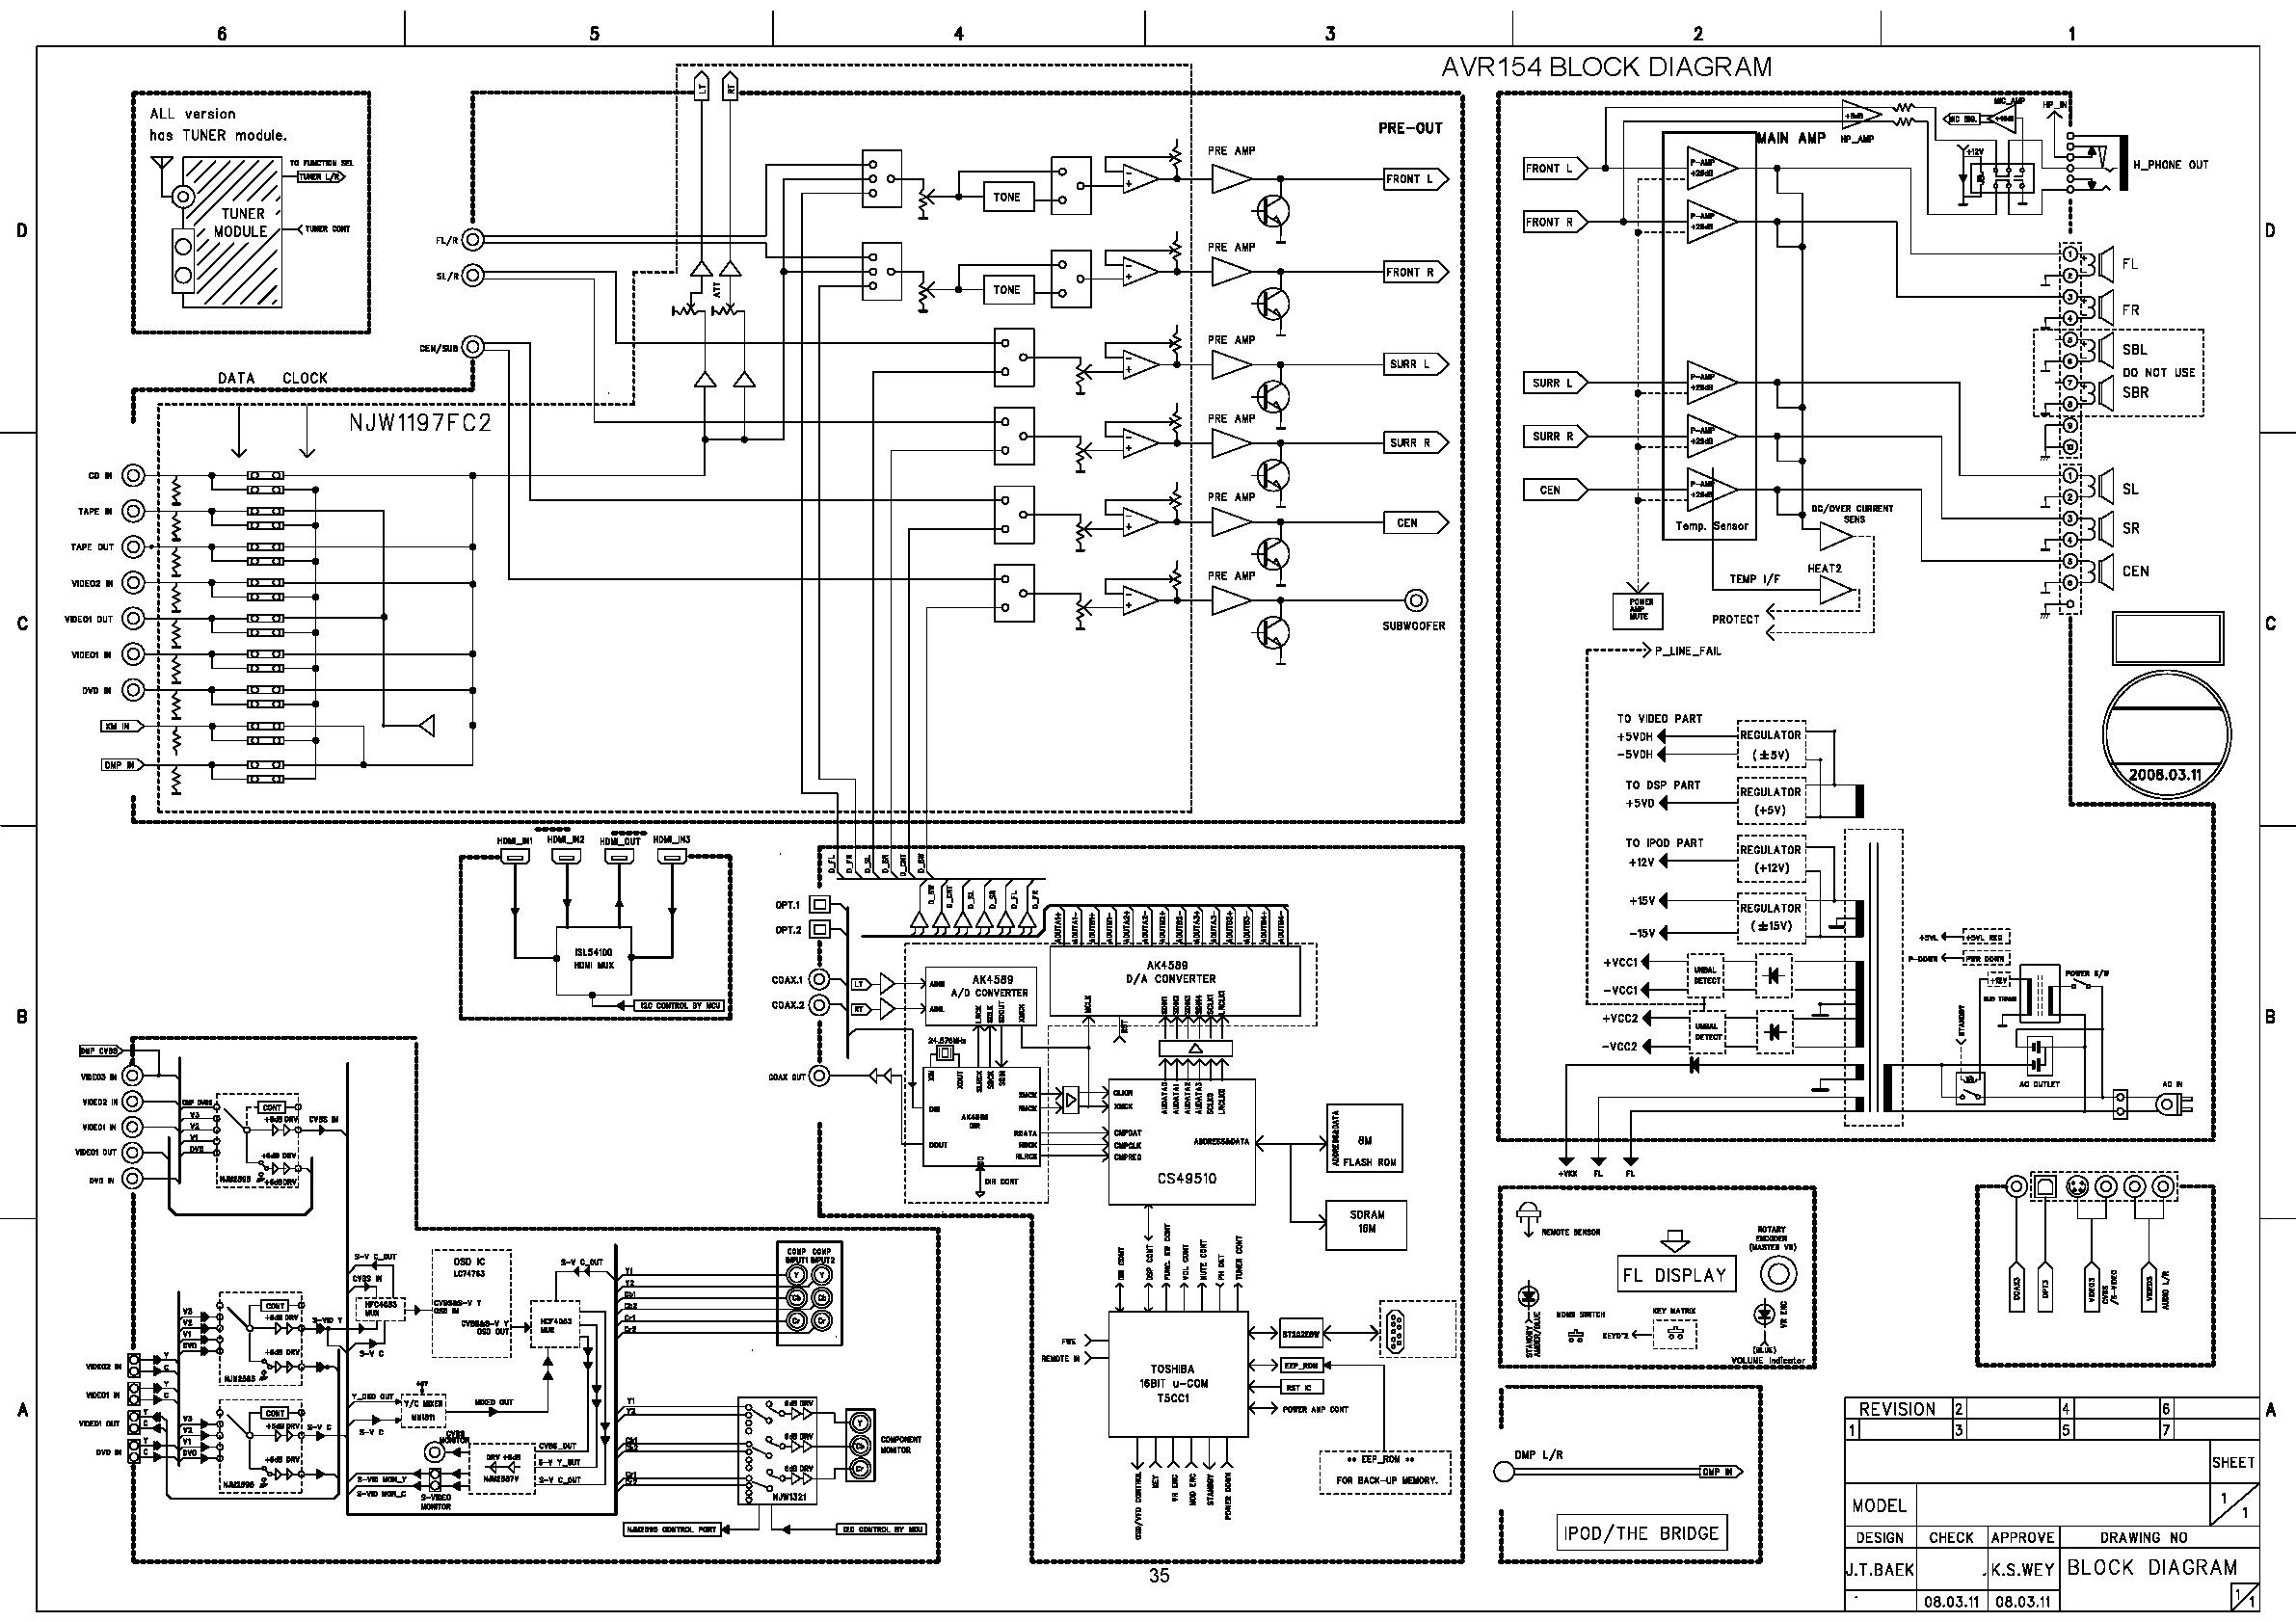 Lionel Kw Transformer Wiring Diagram - wiring diagrams schematics